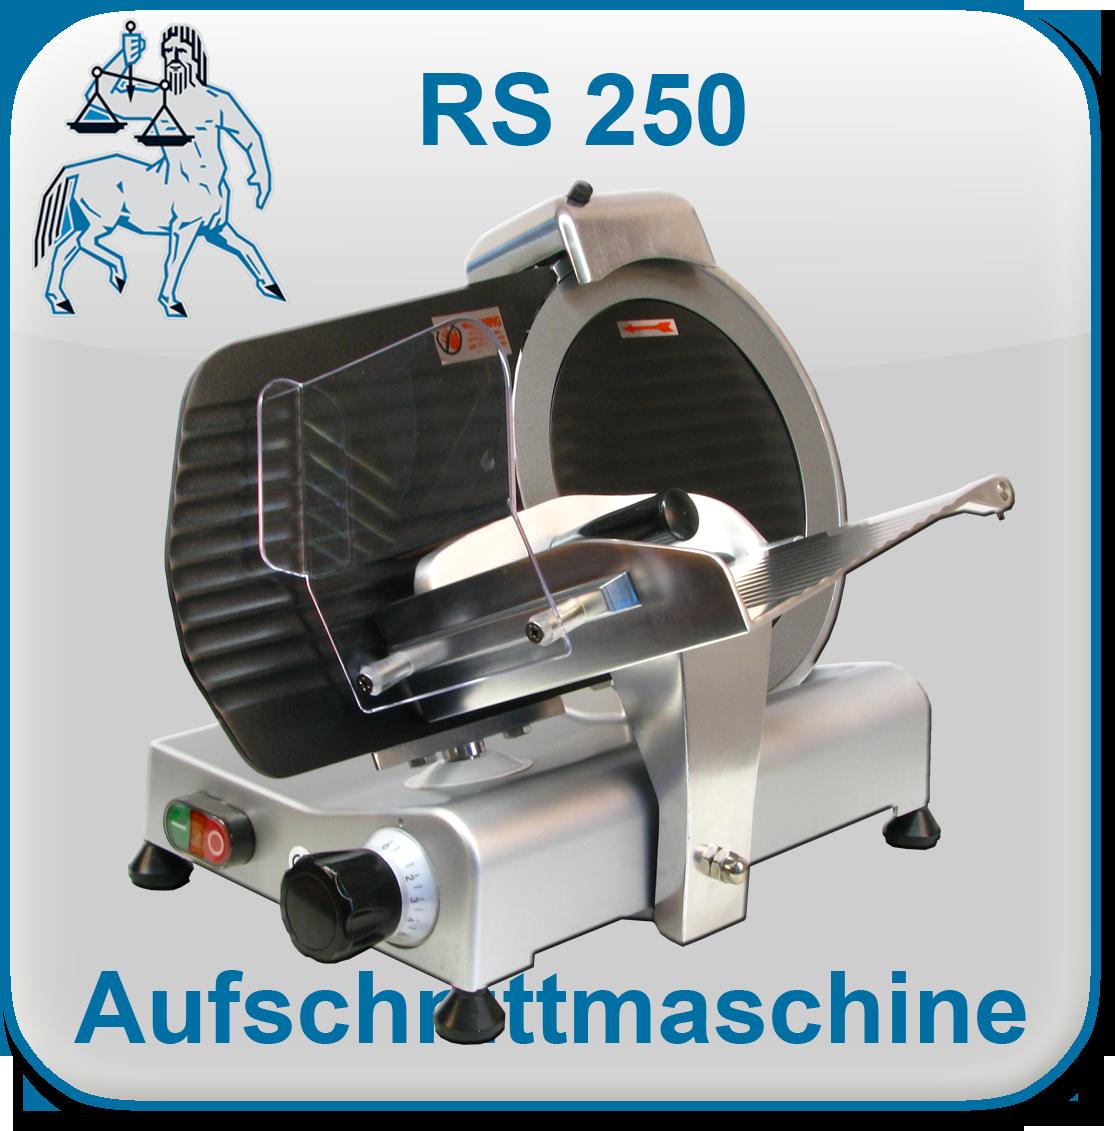 Aufschnittmaschine Allesschneider RS 250 Teflon | {Allesschneider 92}